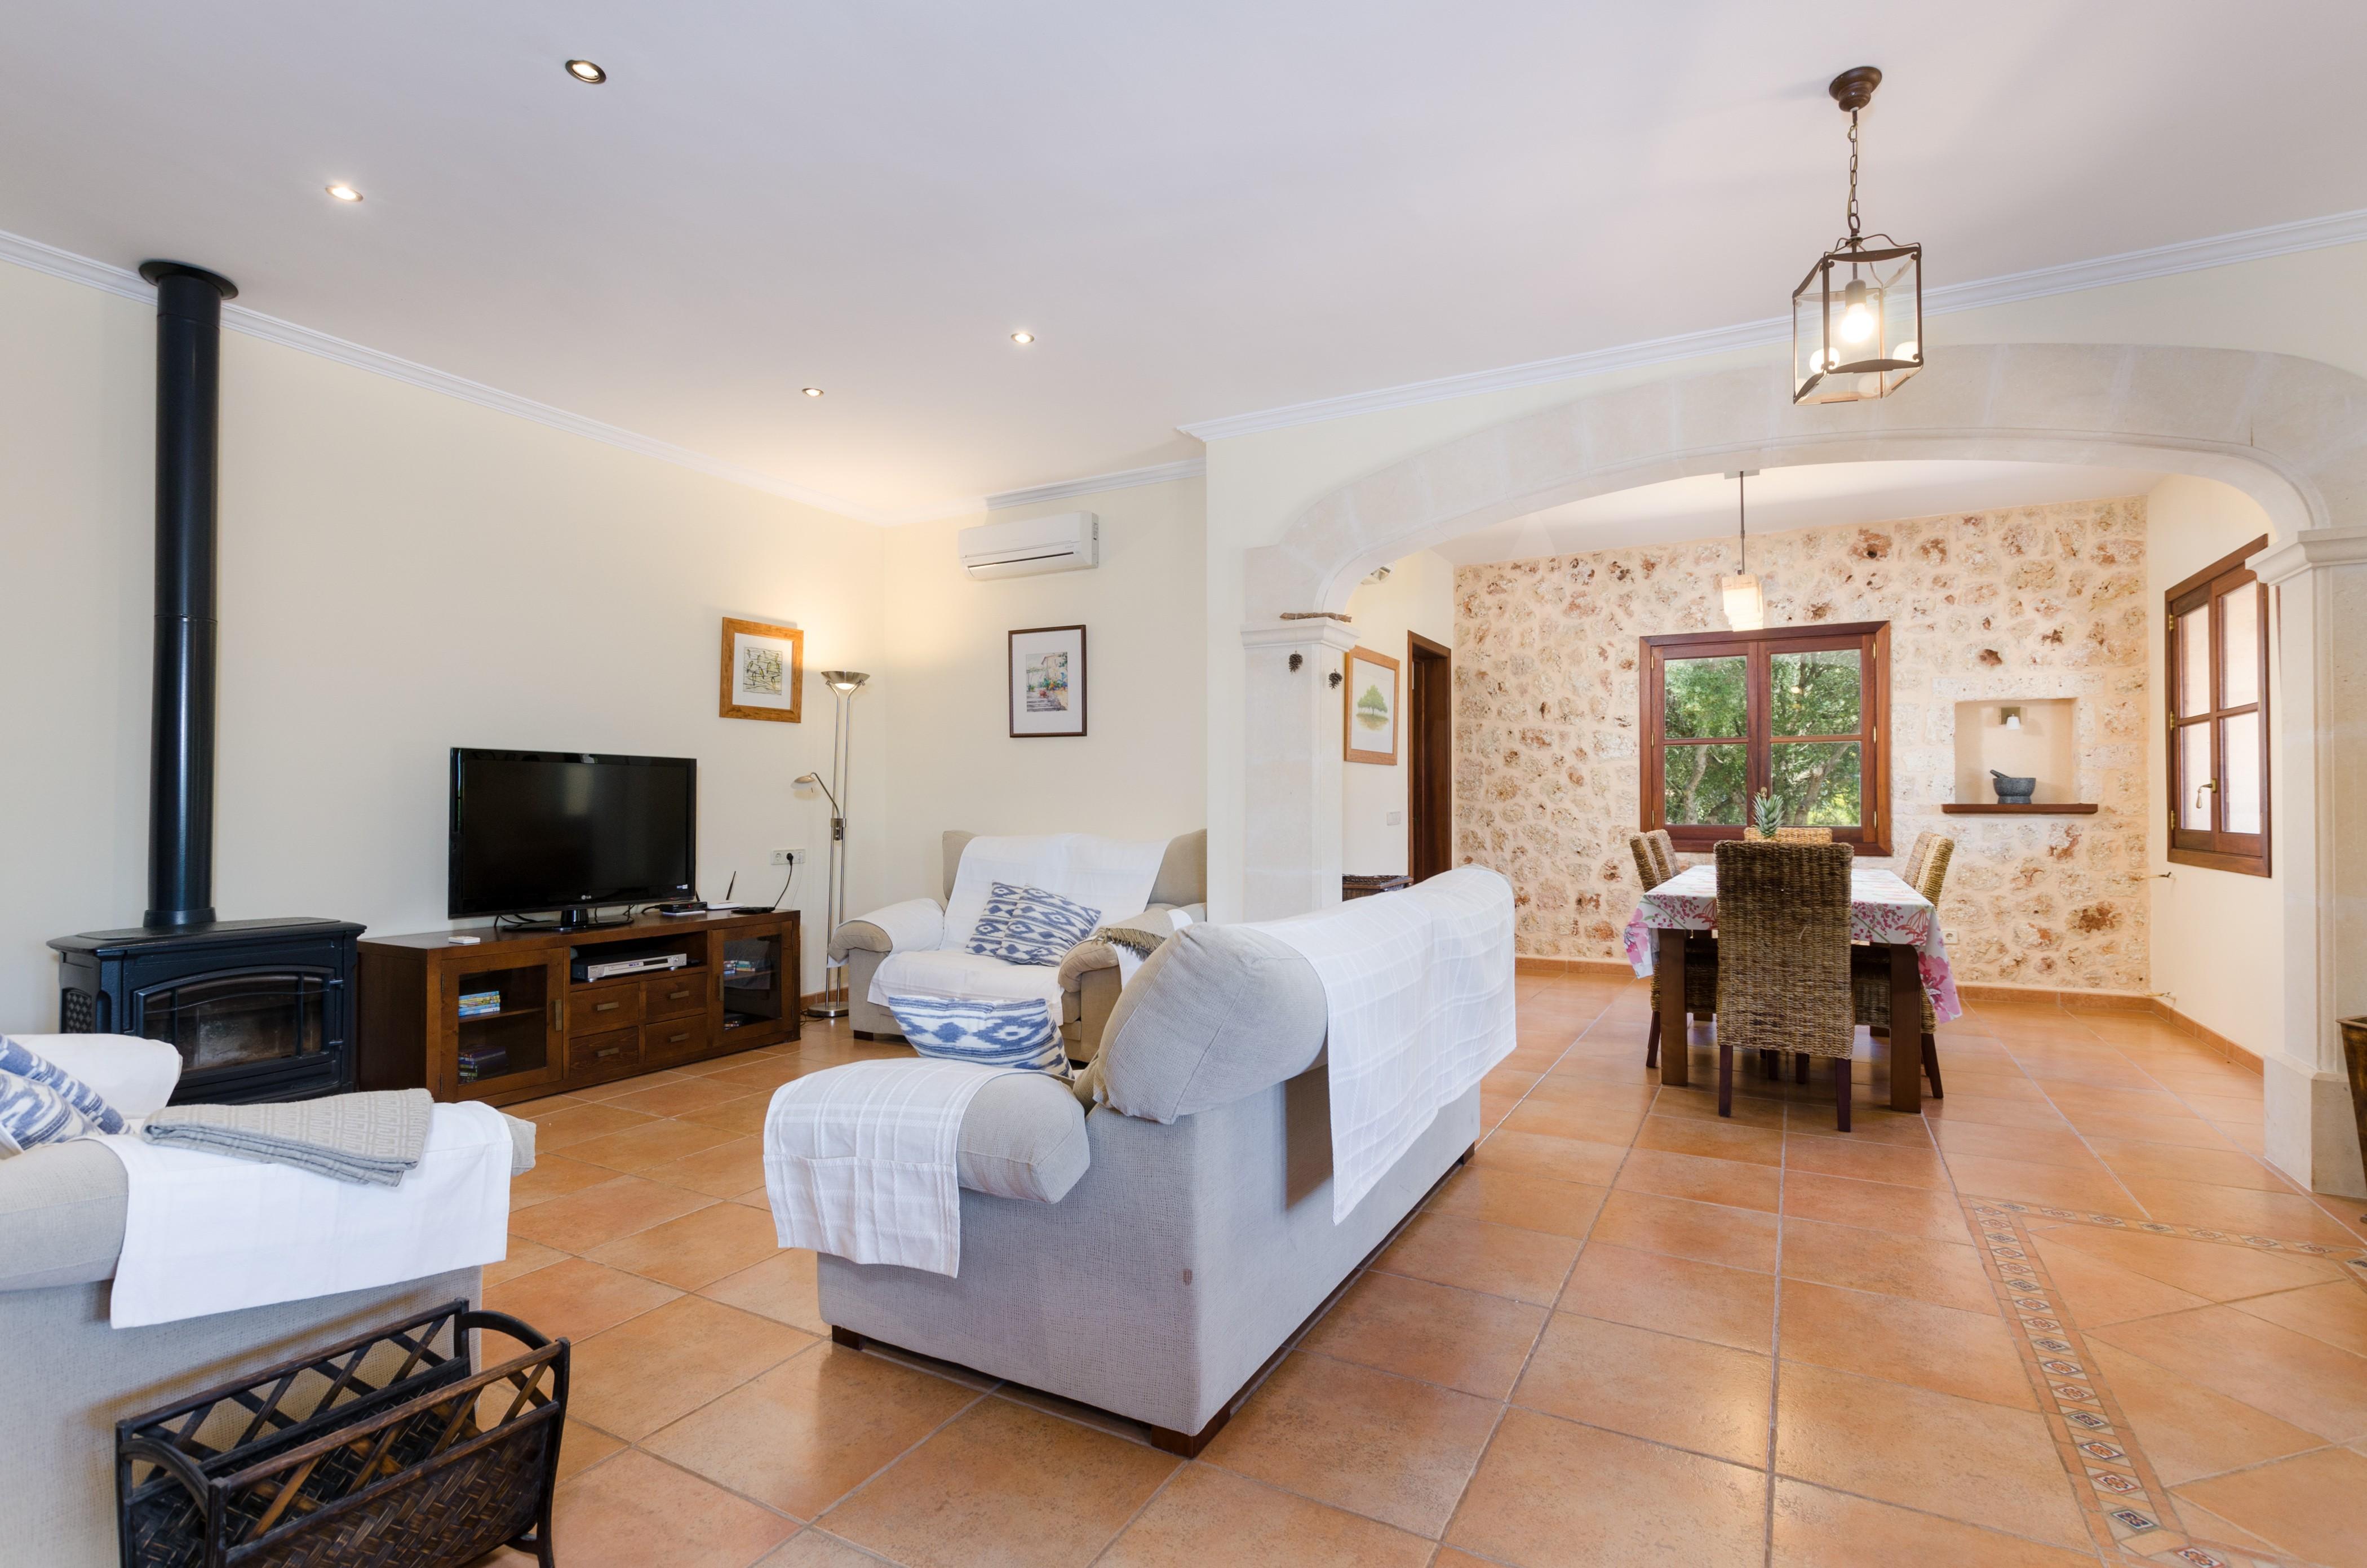 Maison de vacances ES VEDAT (2632993), Lloret de Vistalegre, Majorque, Iles Baléares, Espagne, image 14